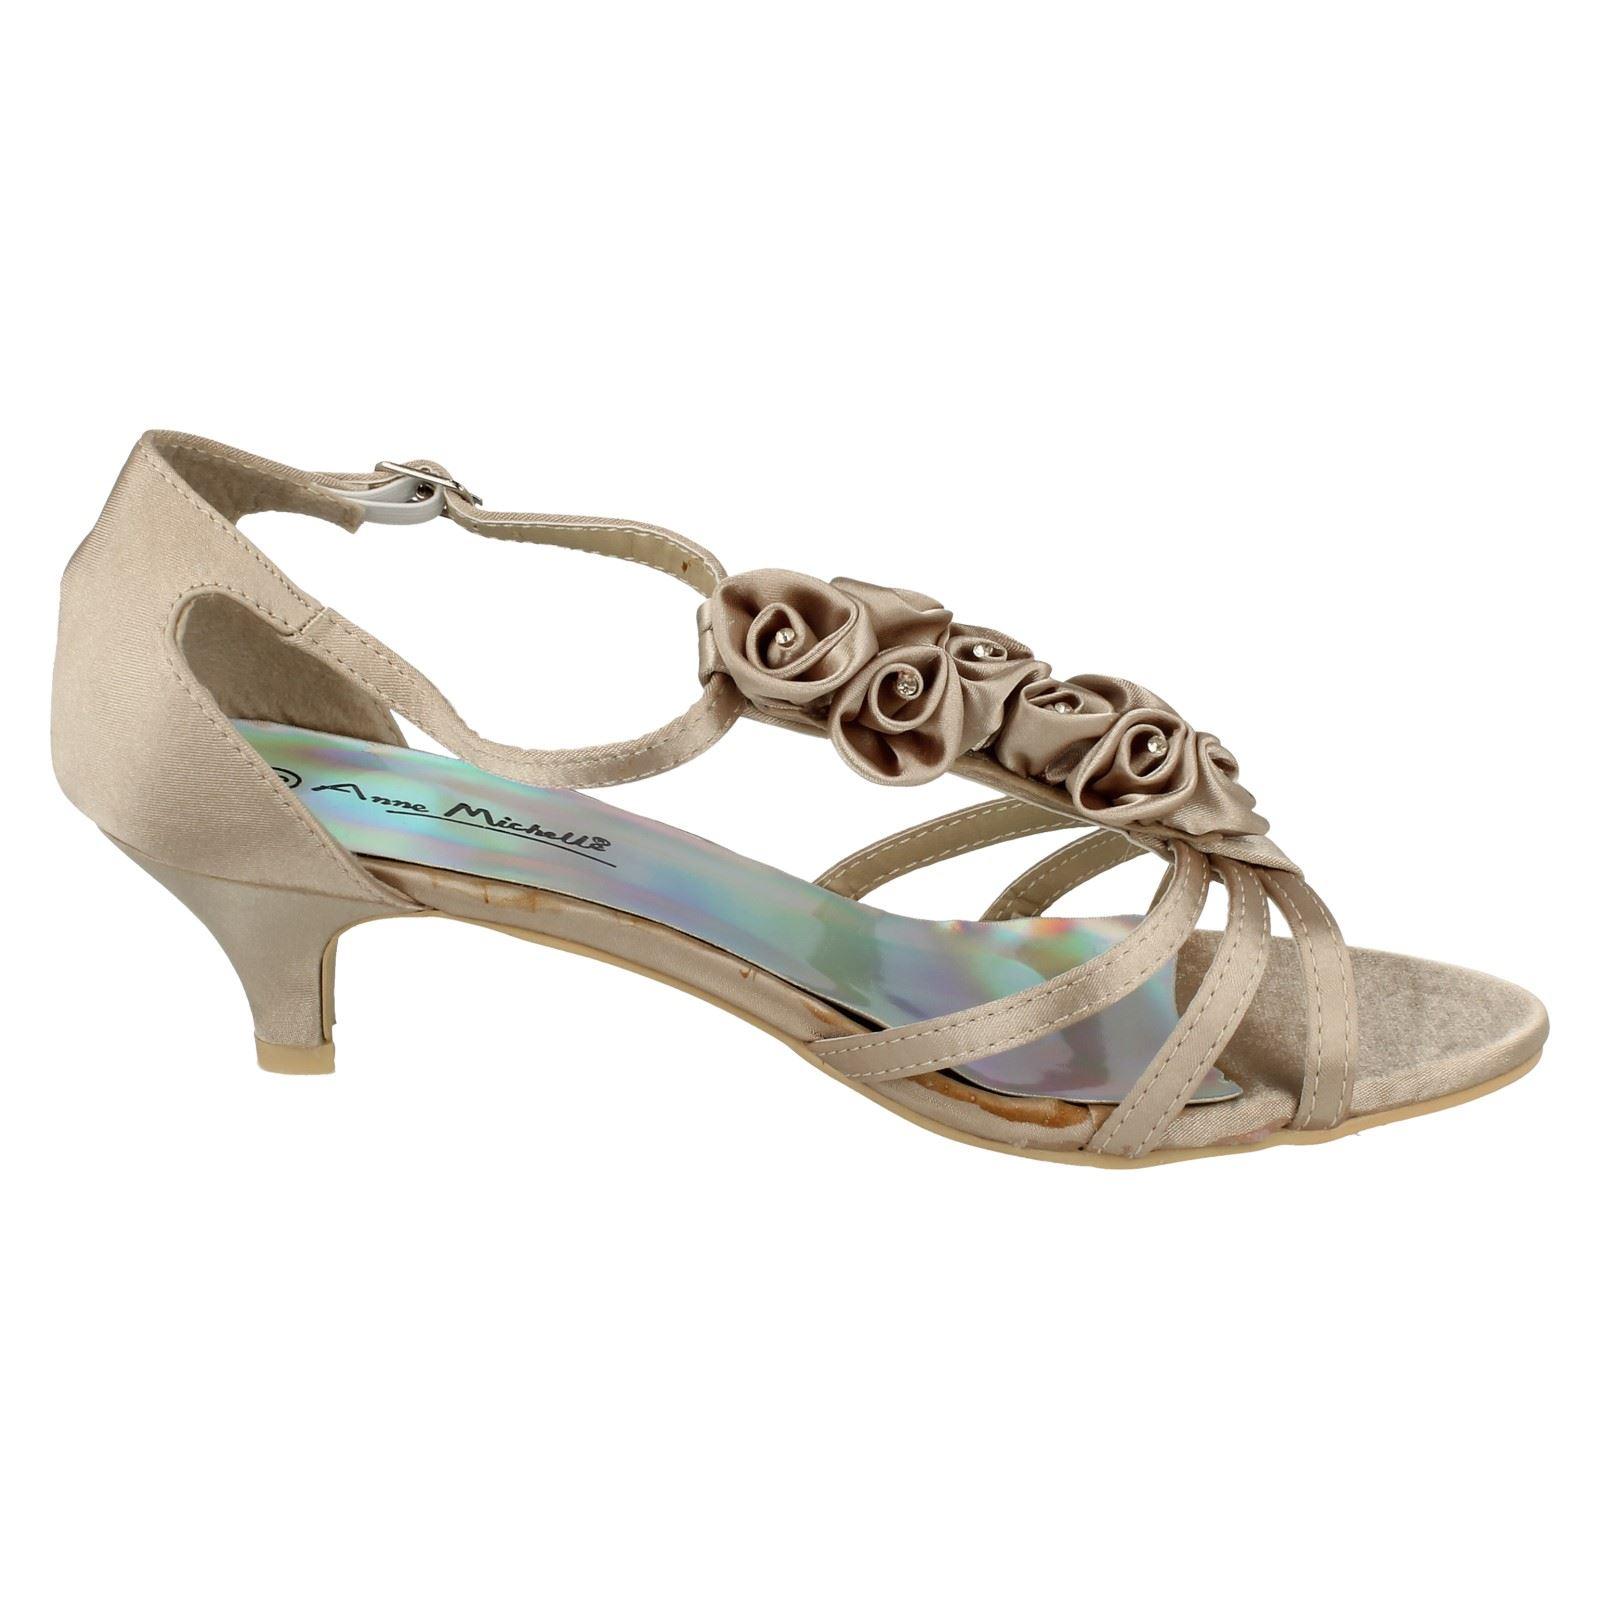 Ladies Anne Michelle Flower Detail Heeled Sandals